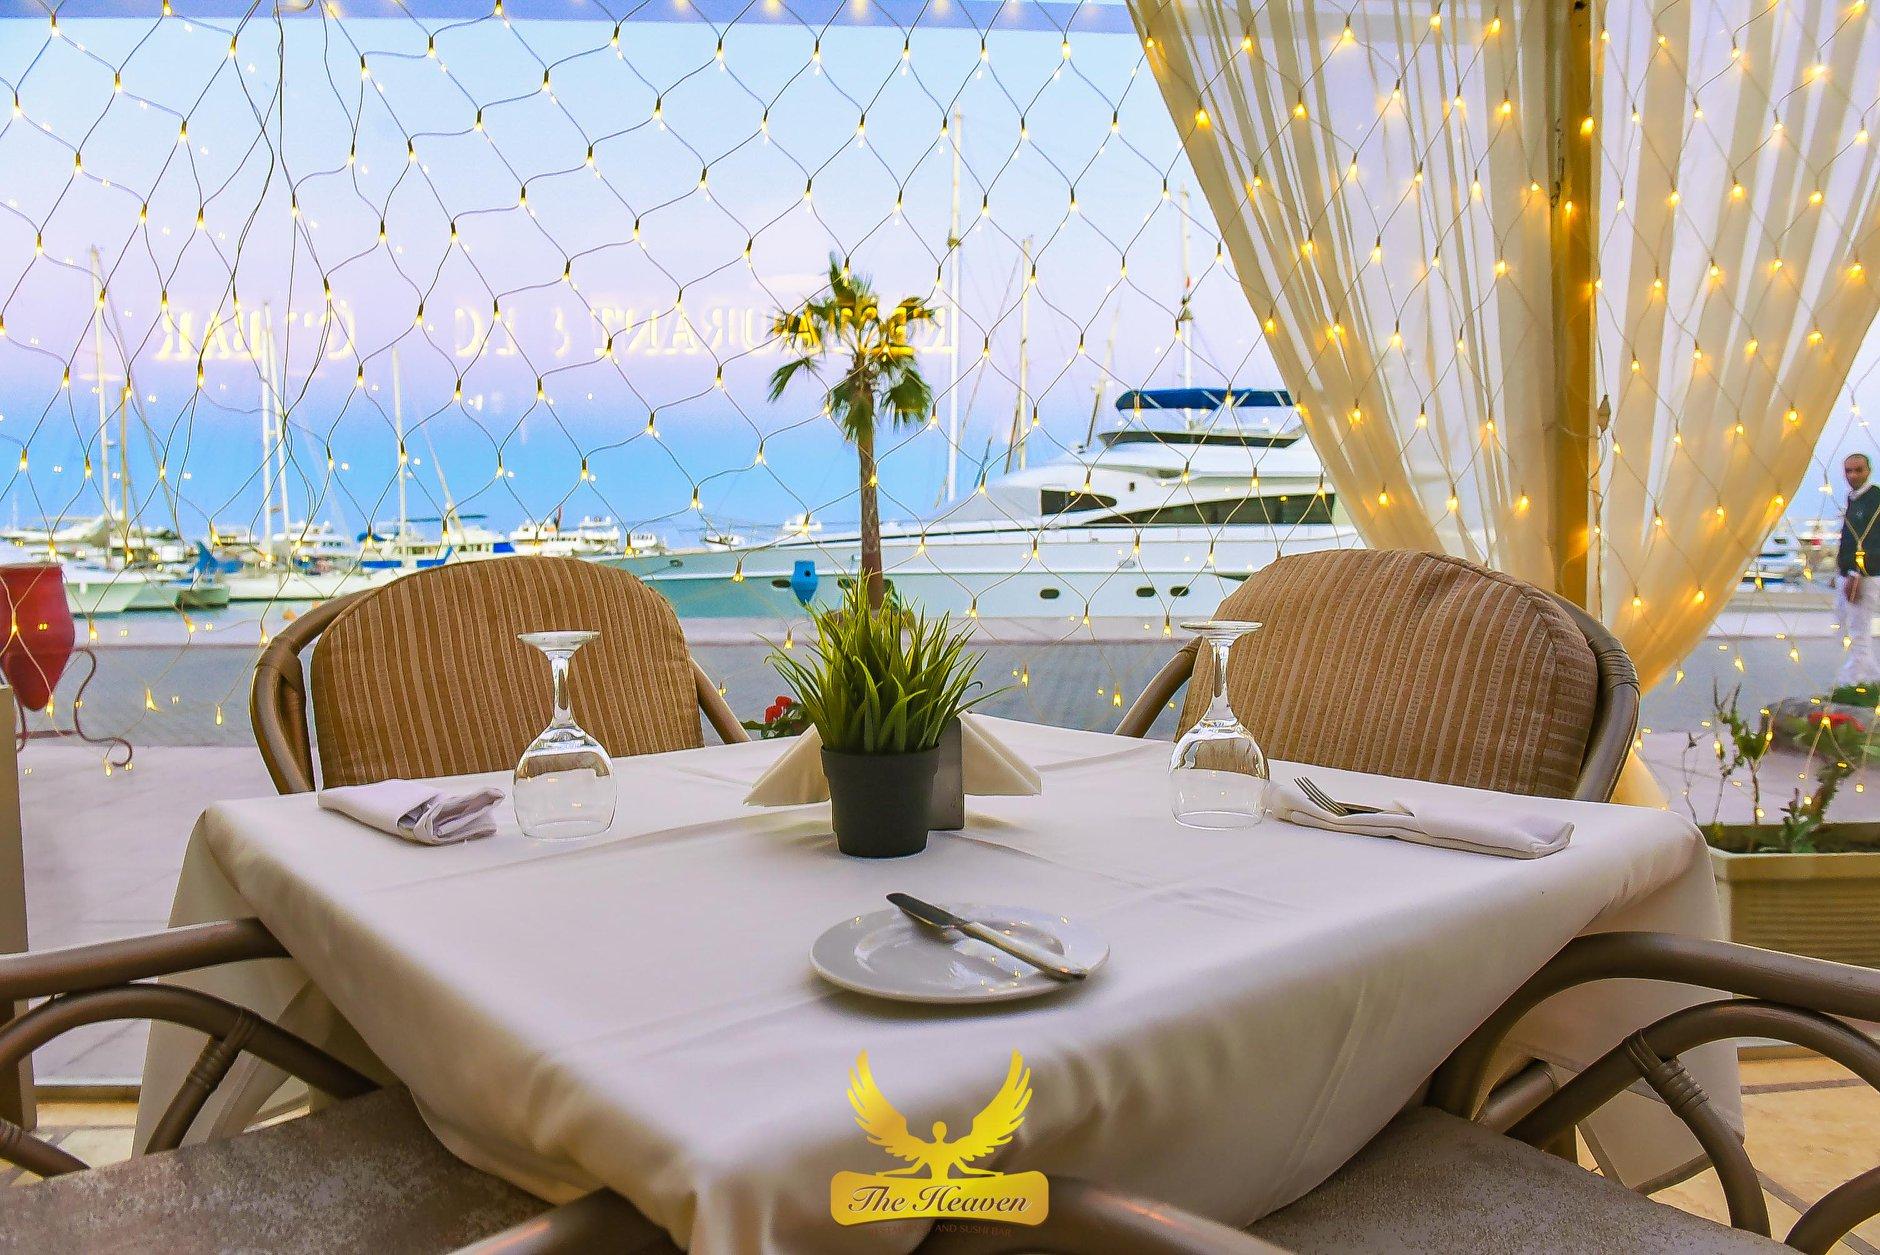 Duiken Hurghada Seagate, eten in Hurghada, The Heaven